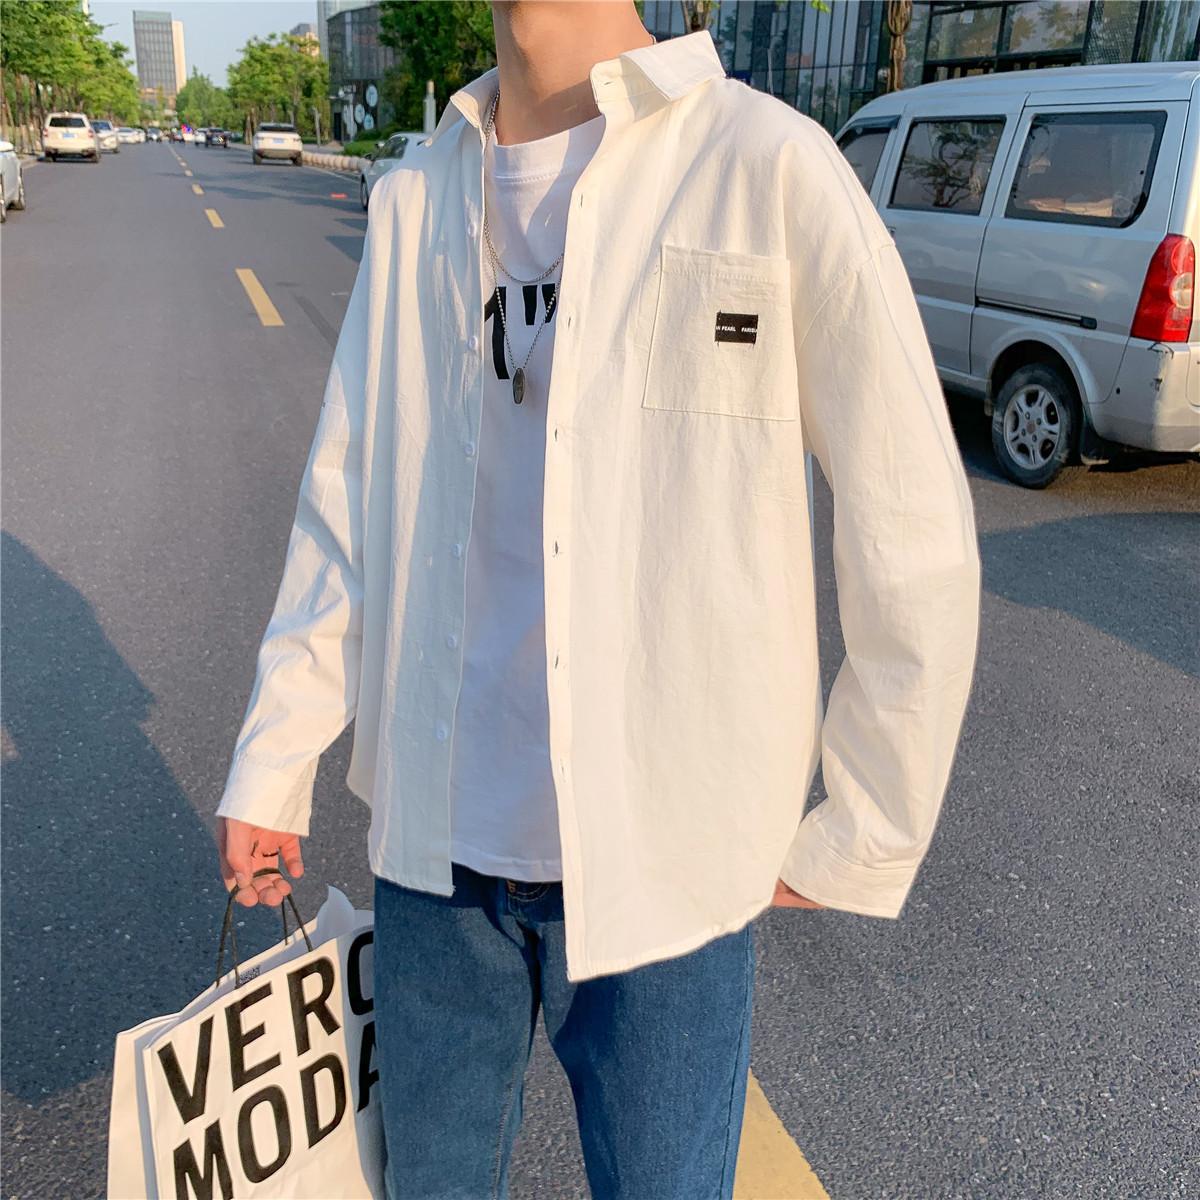 男士长袖衬衫 白衬衫男长袖韩版潮流宽松bf风寸衫帅气学生百搭日系港风衬衣外套_推荐淘宝好看的男长袖衬衫